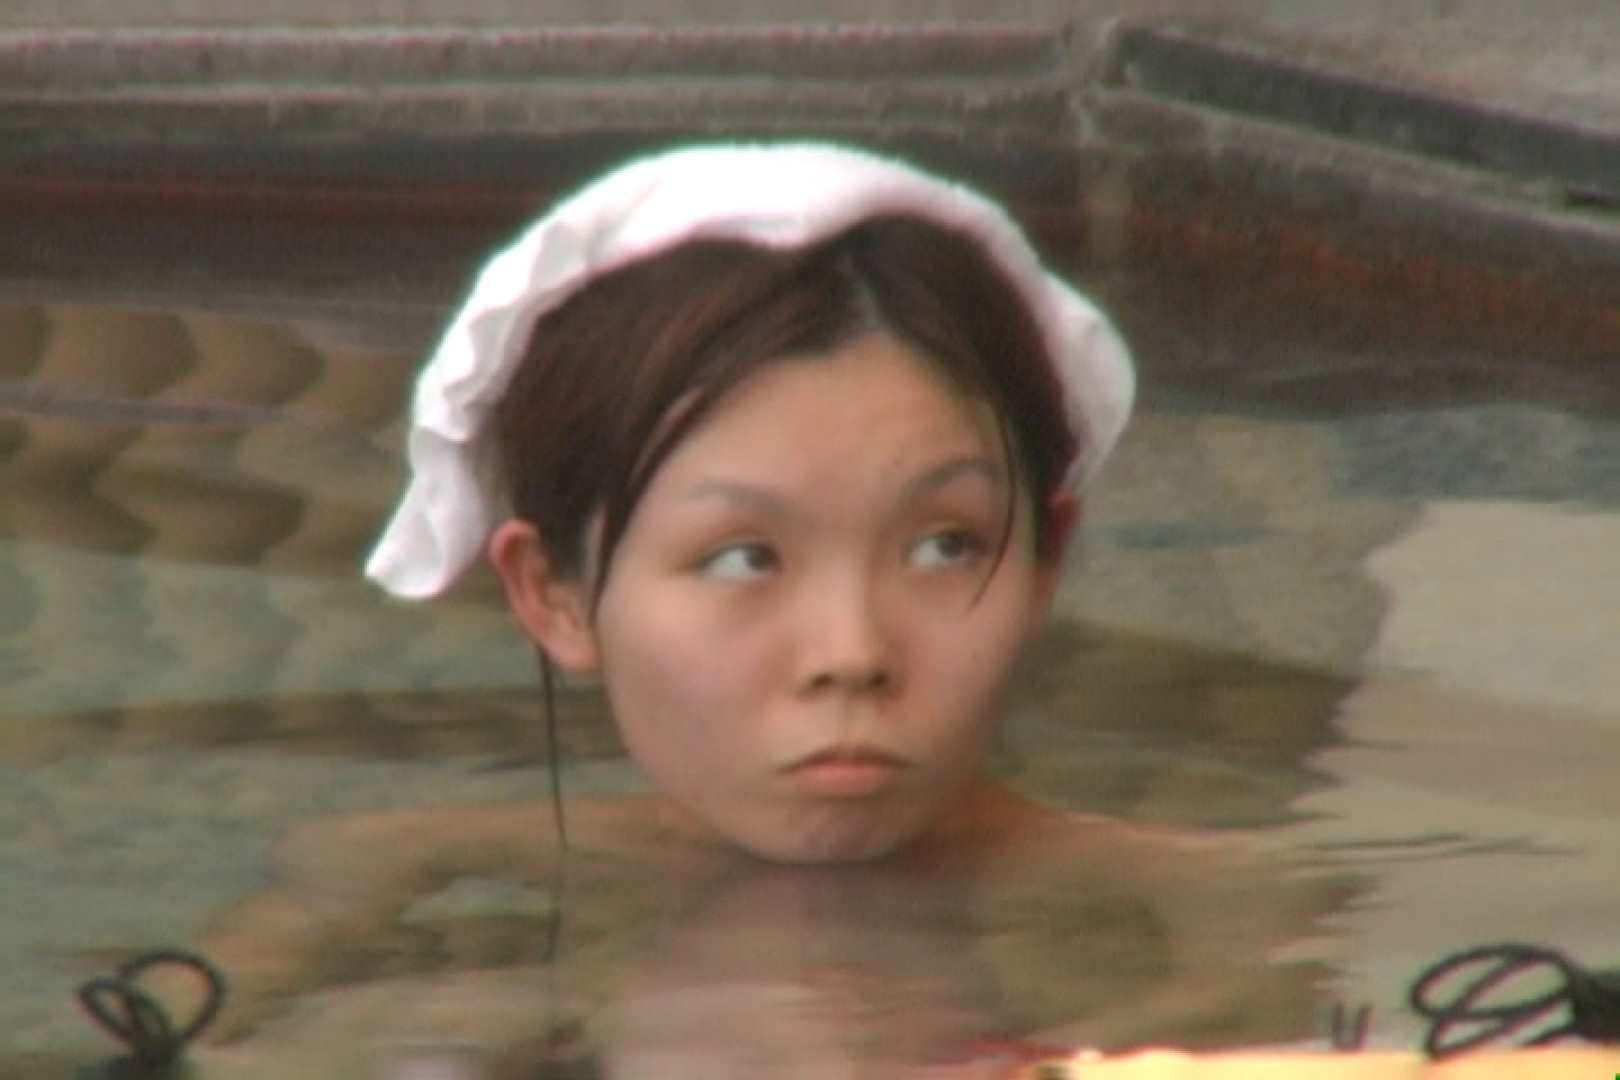 Aquaな露天風呂Vol.580 0   0  103pic 15